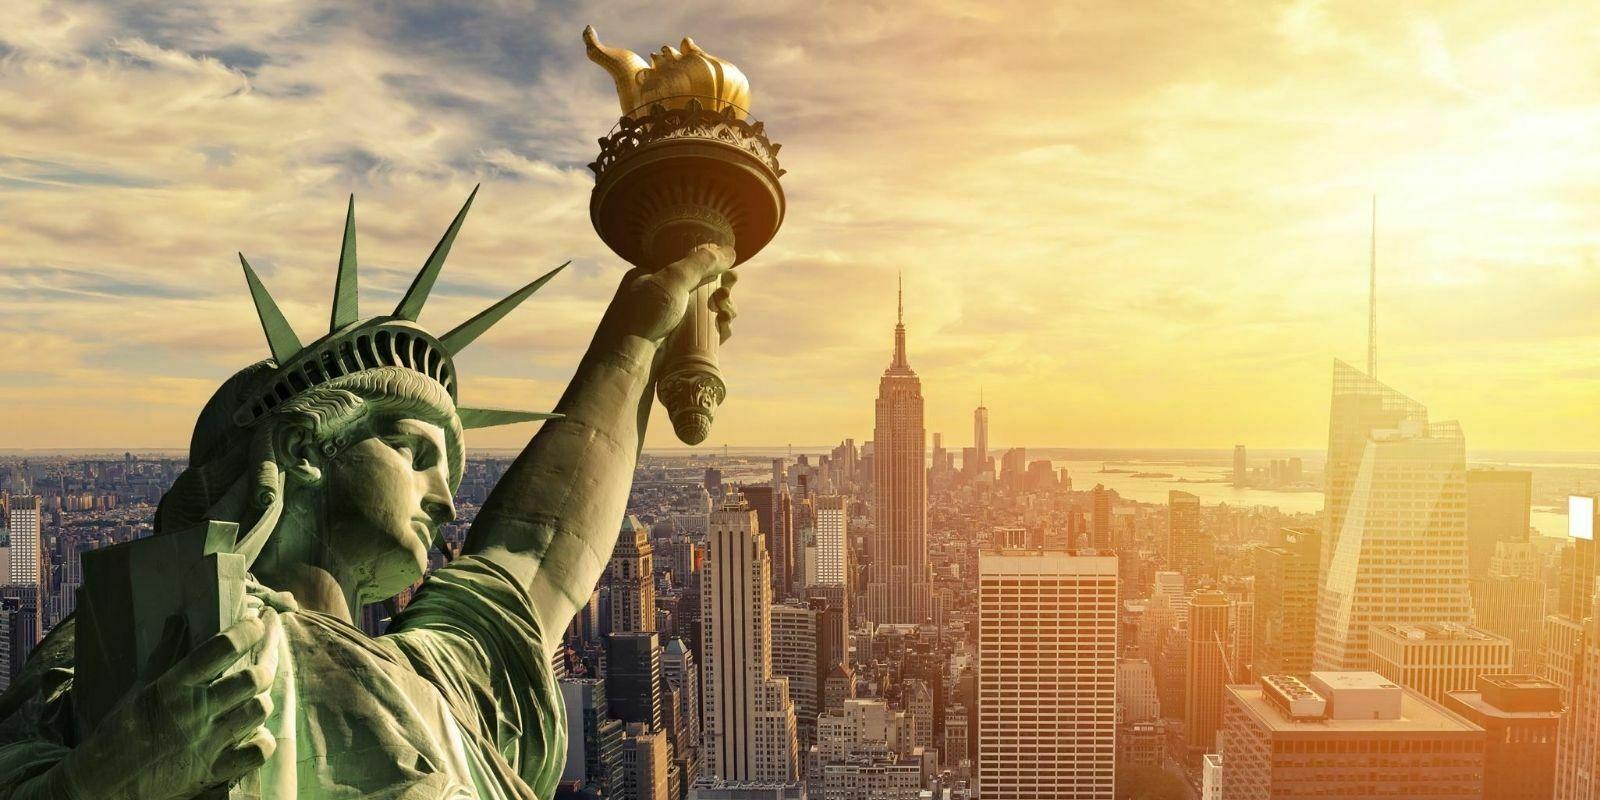 Le régulateur de l'État New York autorise le trading de 8 cryptomonnaies